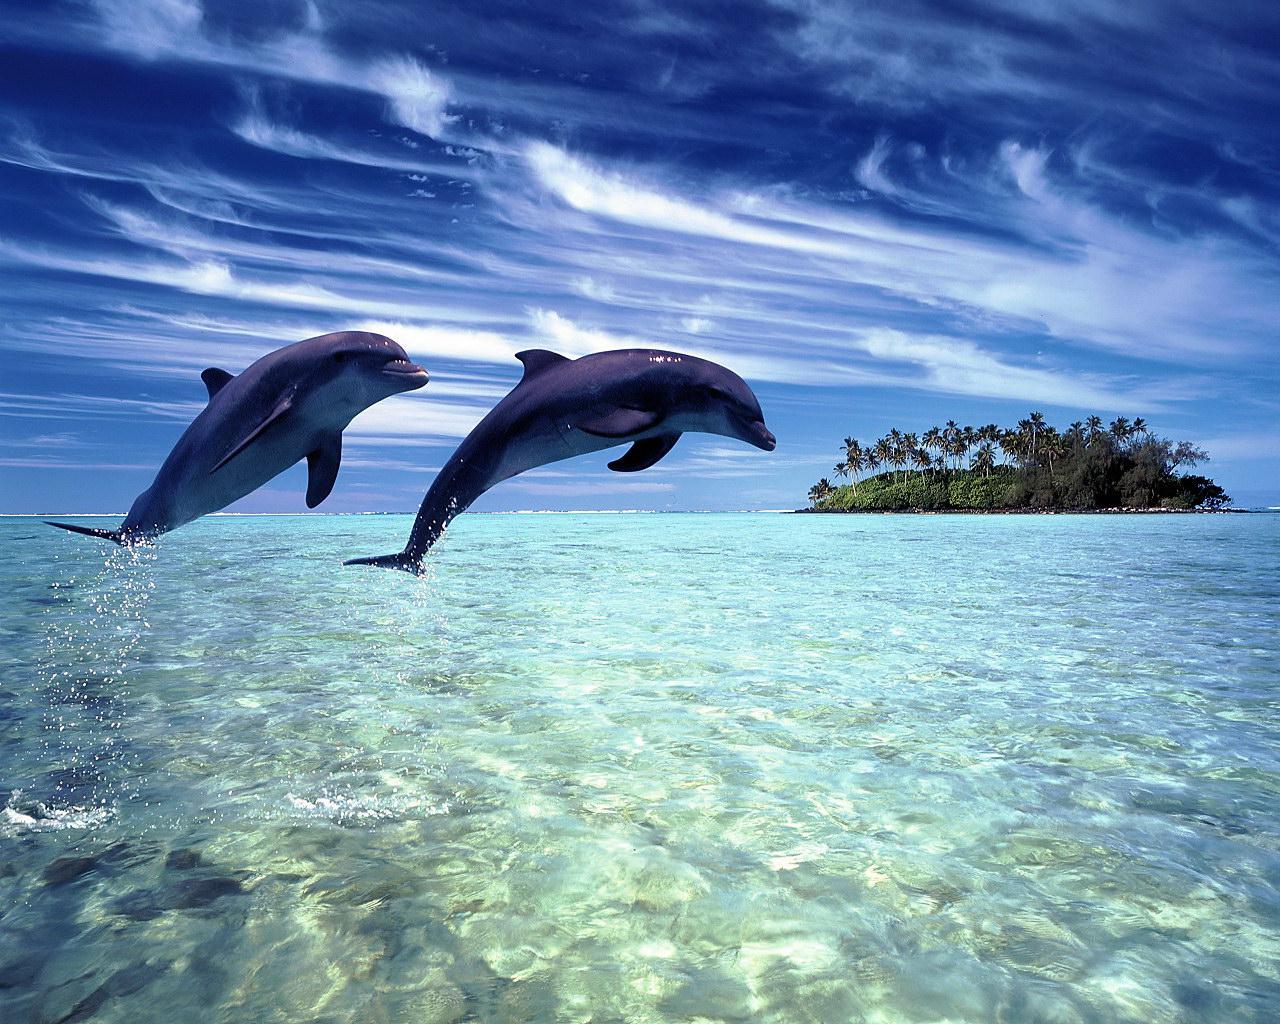 http://1.bp.blogspot.com/-M37SRXqF8SQ/UIBGJisHqLI/AAAAAAAALJ8/yq9beYypaPY/s1600/dolphins.jpg